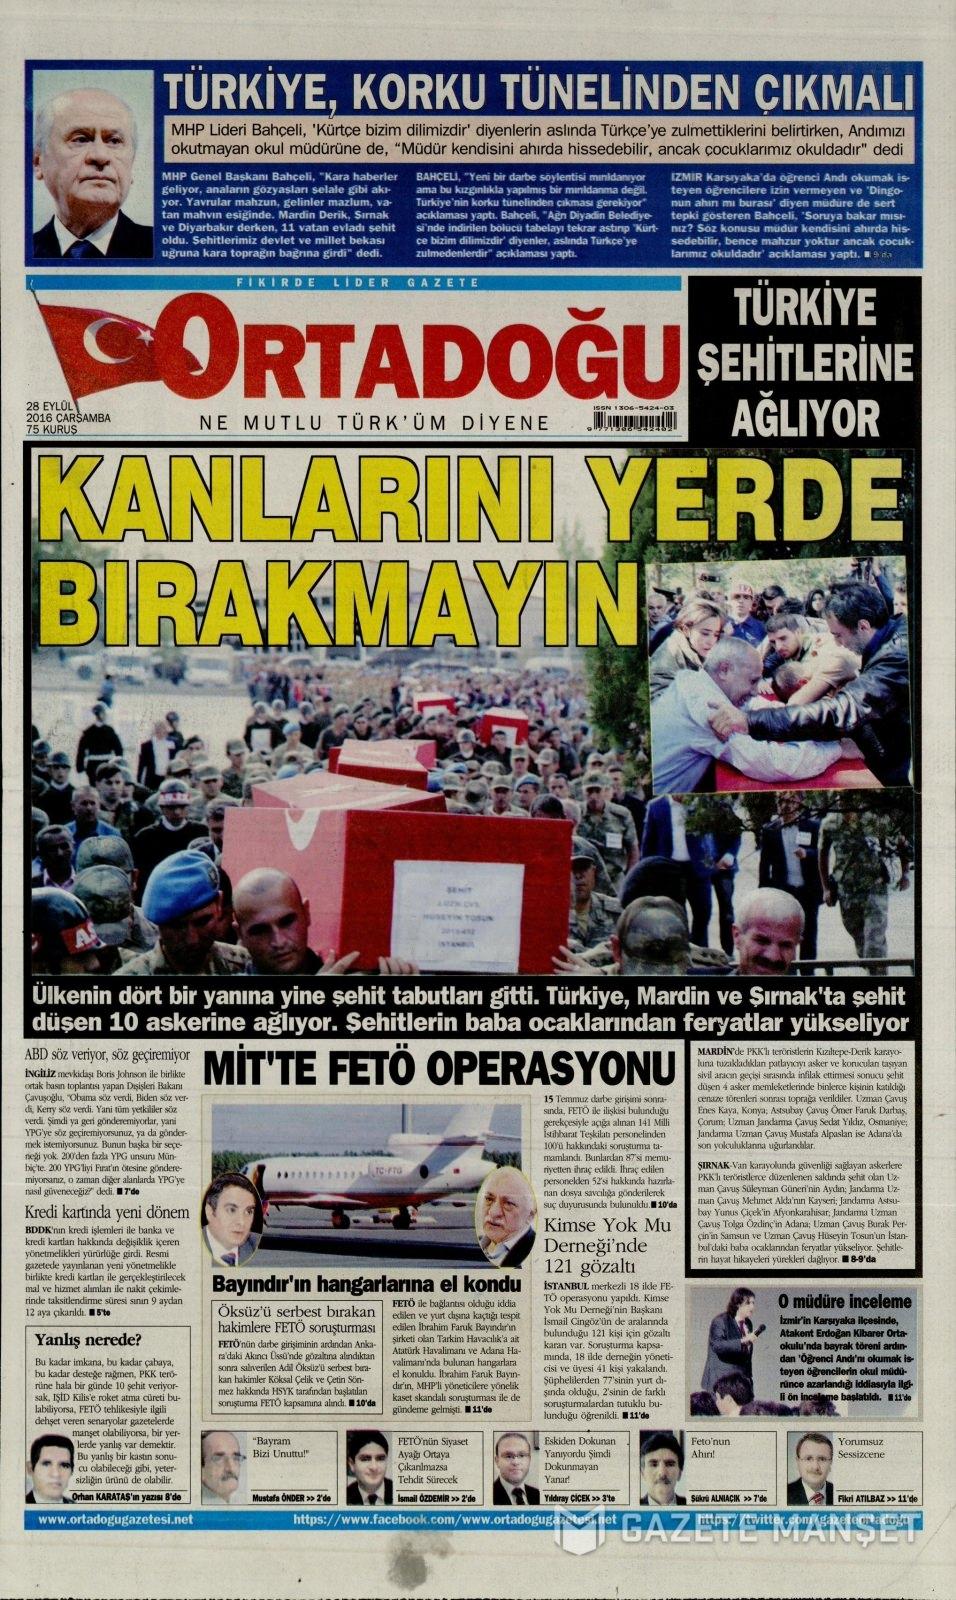 28 Eylül Çarşamba gazete manşetleri 16